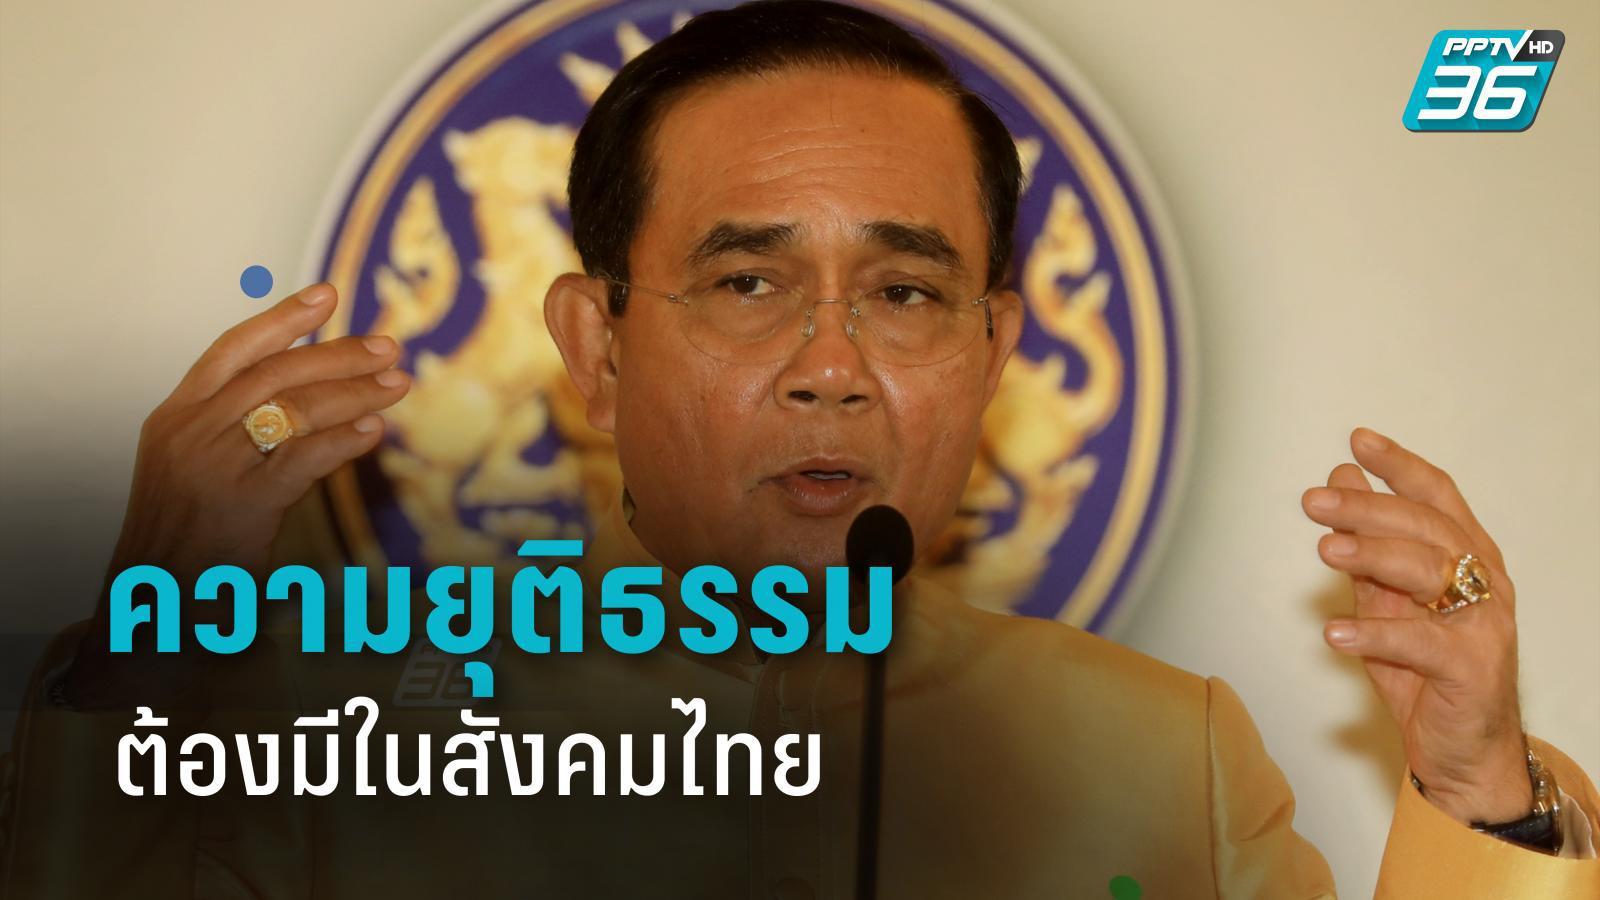 """""""ลุงตู่"""" ลั่น ความยุติธรรมต้องมีในสังคมไทย ไม่แบ่งชนชั้น"""